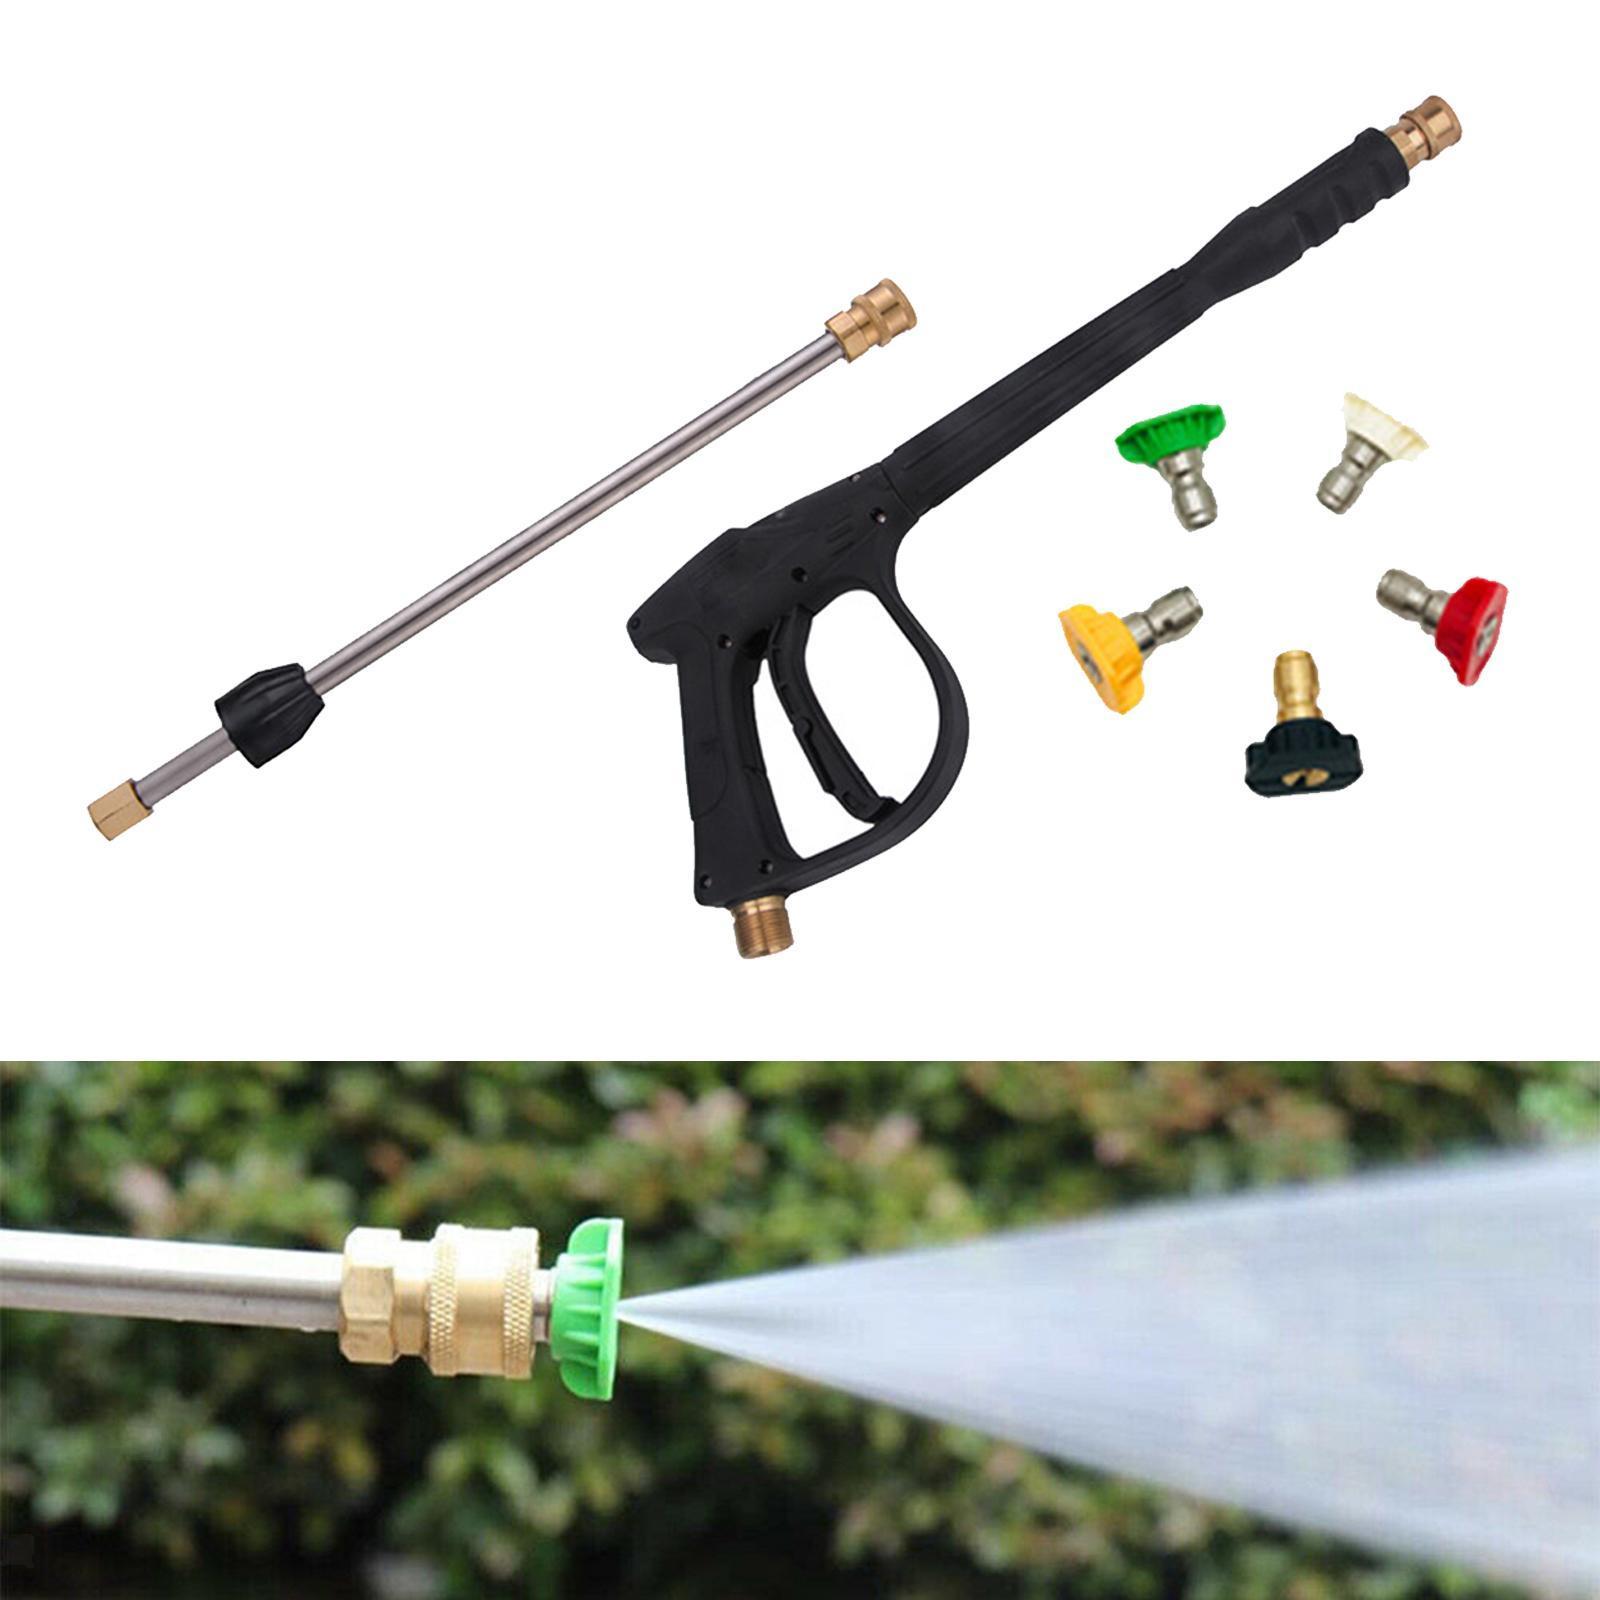 Indexbild 3 - Hochdruckreiniger Pistole Düse Zubehör Ersatzteile Teile Hochdruckpistole